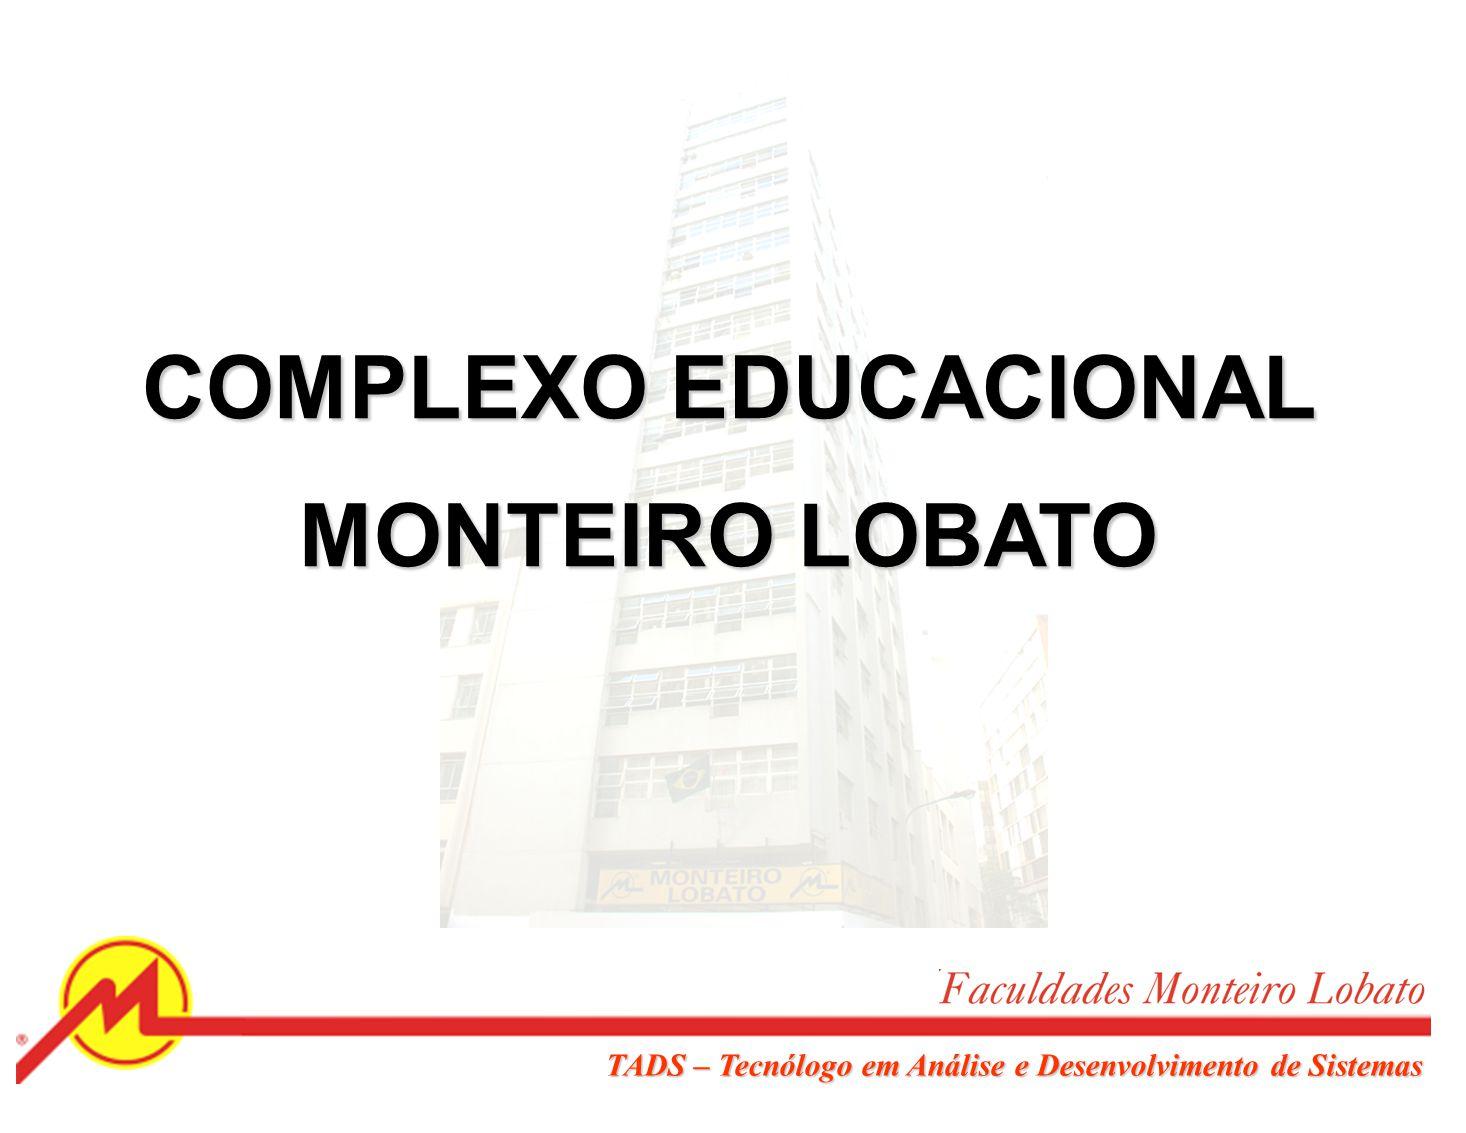 COMPLEXO EDUCACIONAL MONTEIRO LOBATO